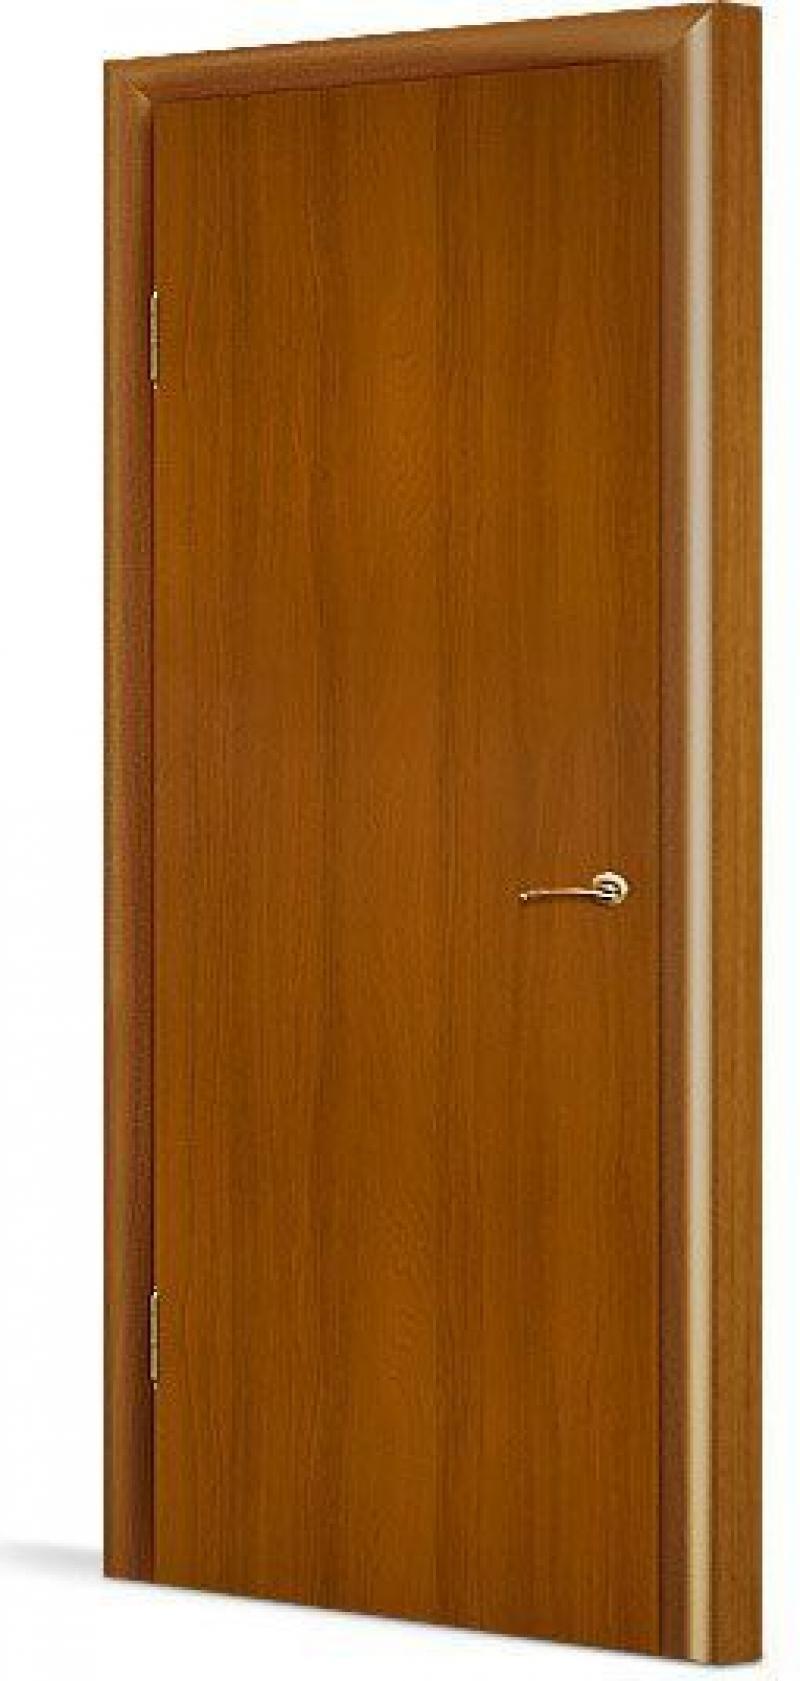 Полотно дверное глухое с четвертью, 600 мм